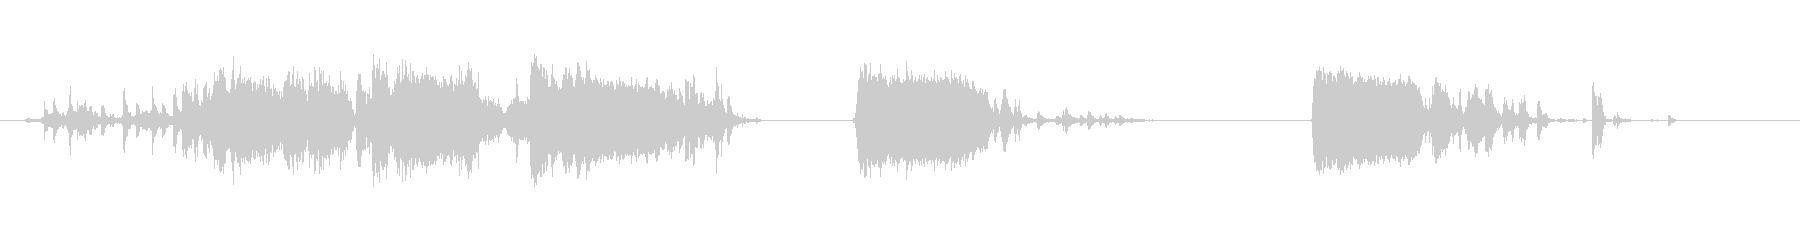 衝撃、落下するクローゼットのスクラップの未再生の波形